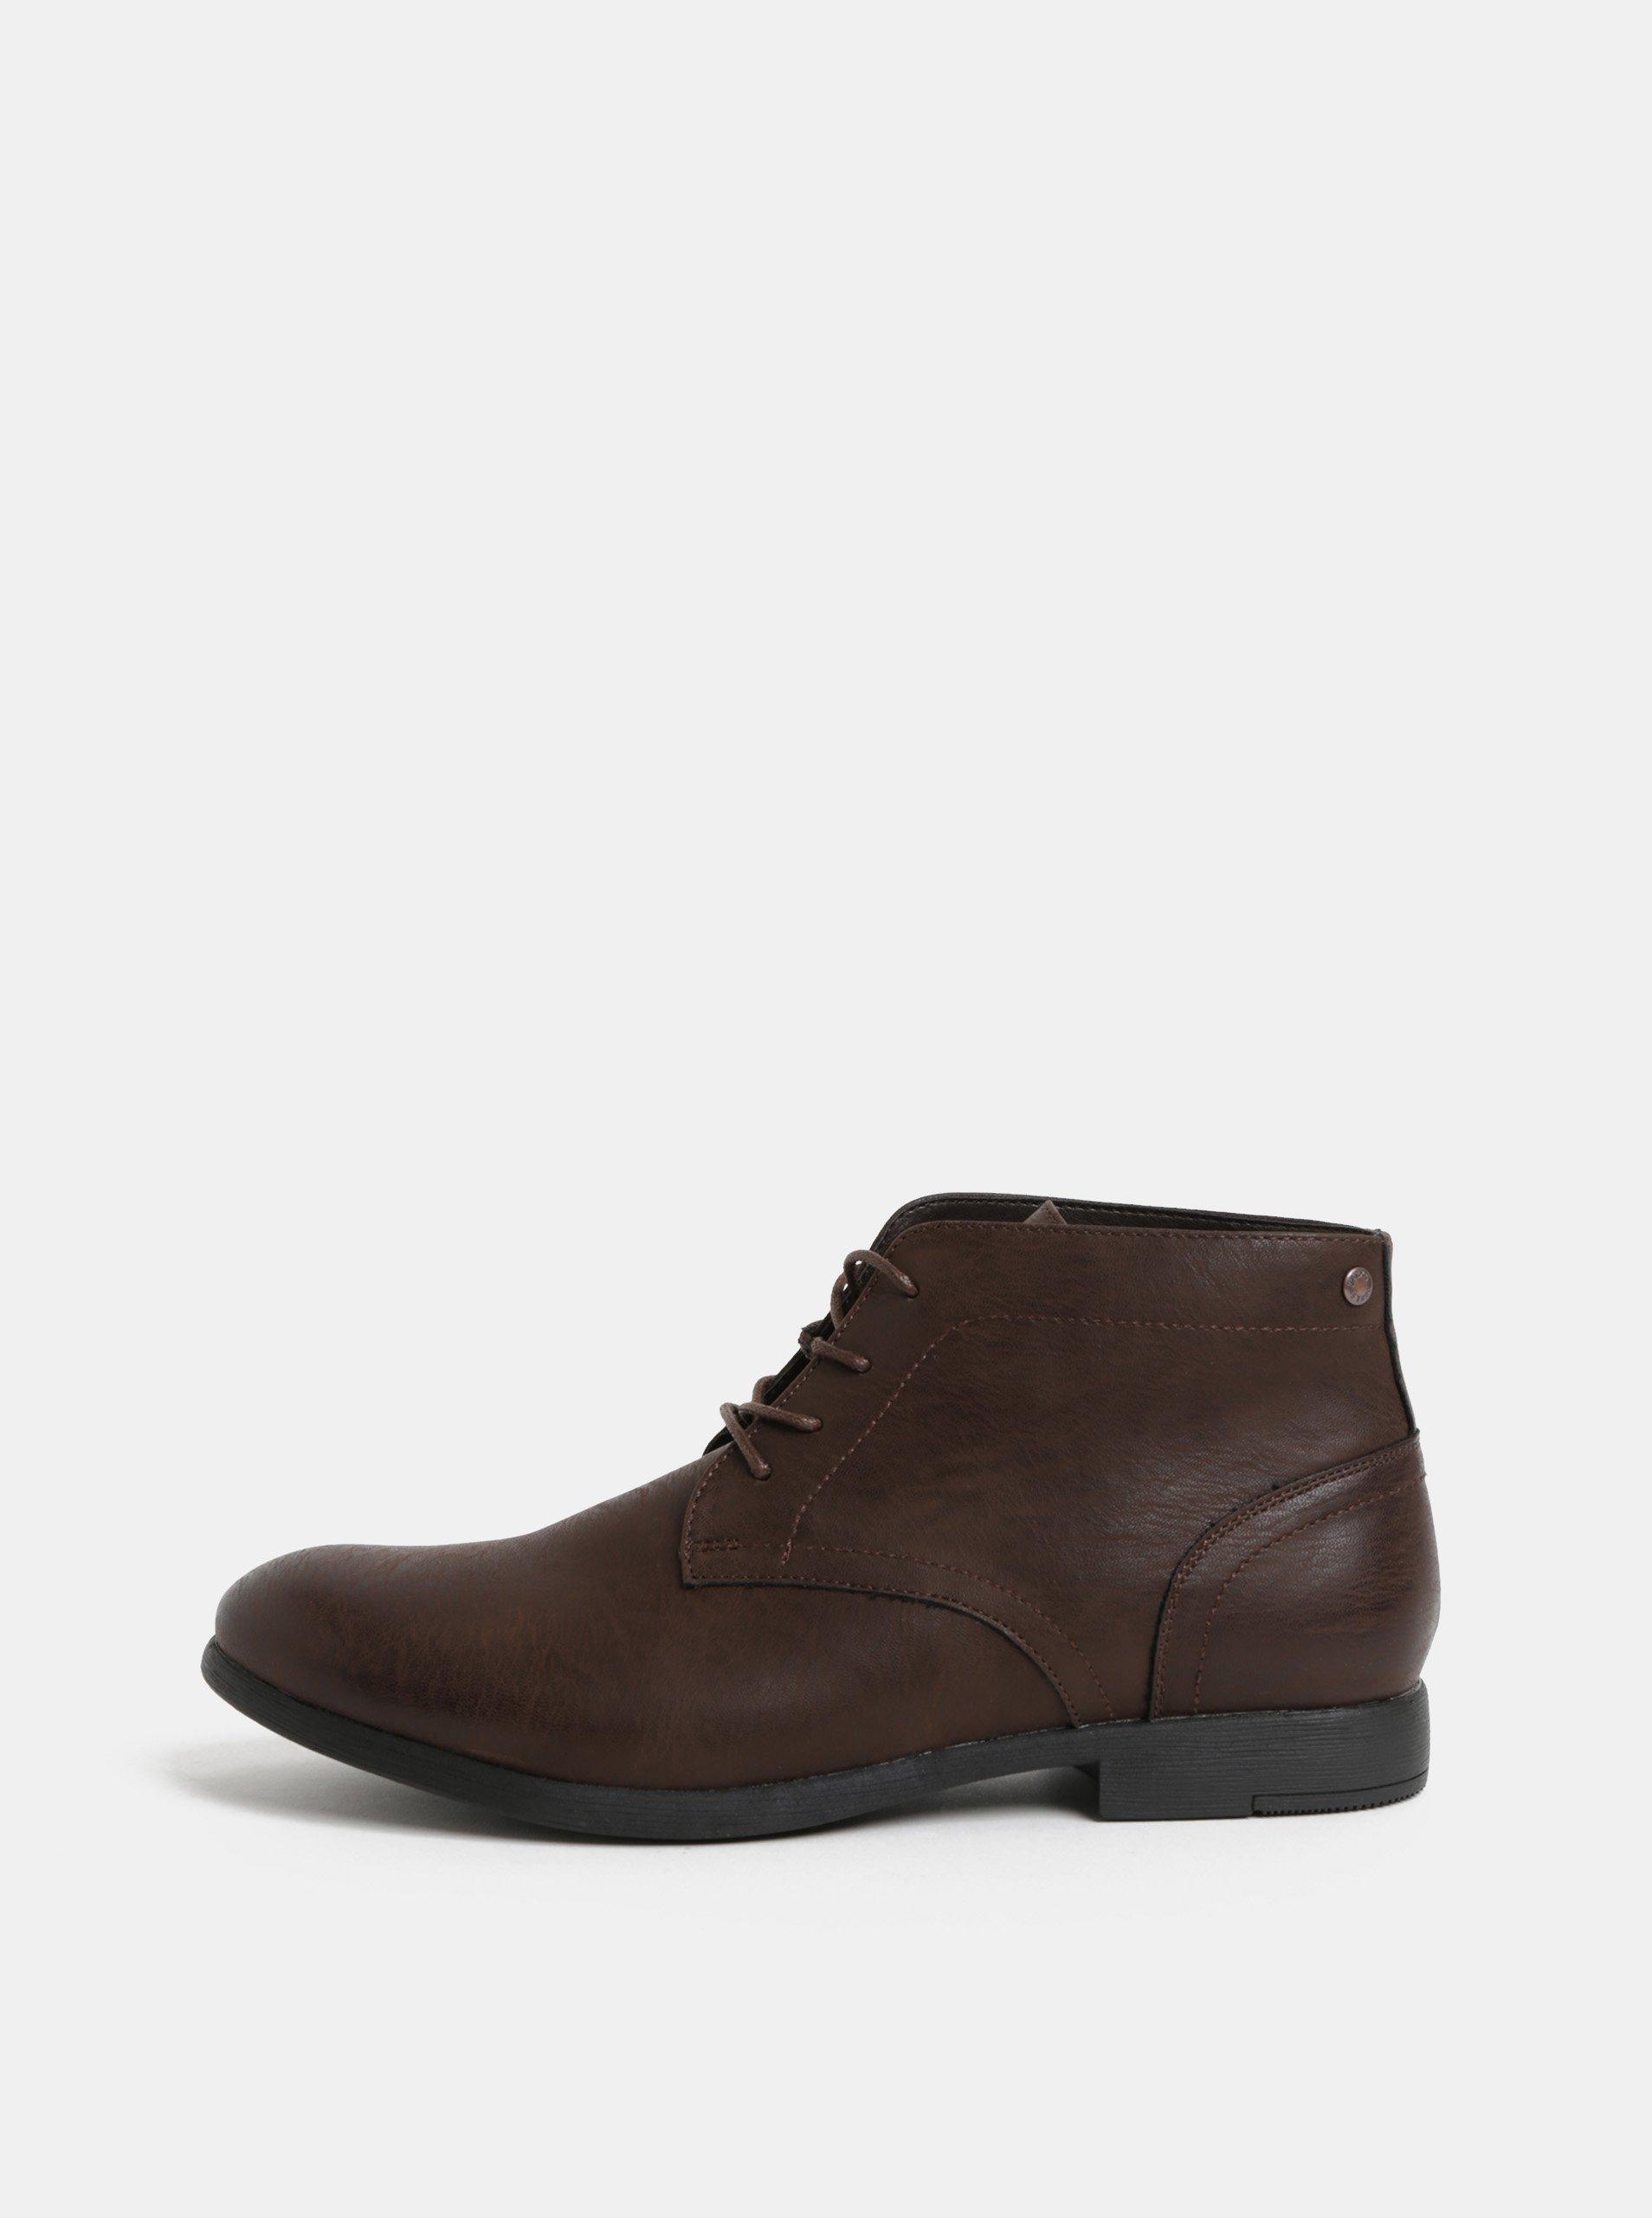 Hnědé pánské kotníkové boty Jack   Jones Desmond e9a81719423